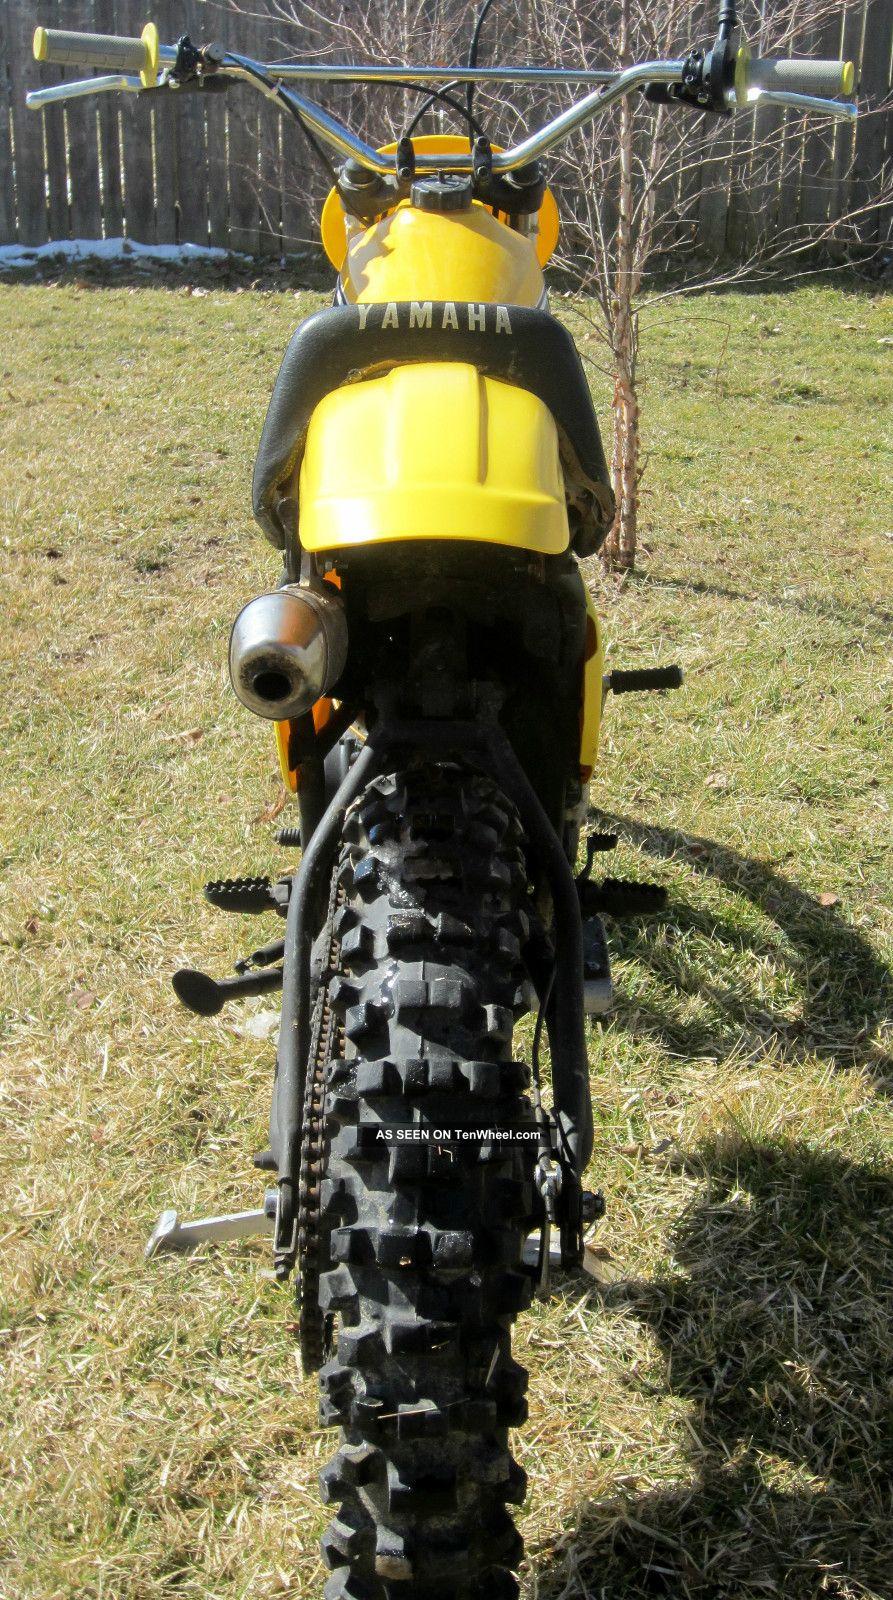 medium resolution of yamaha dirt bike wiring